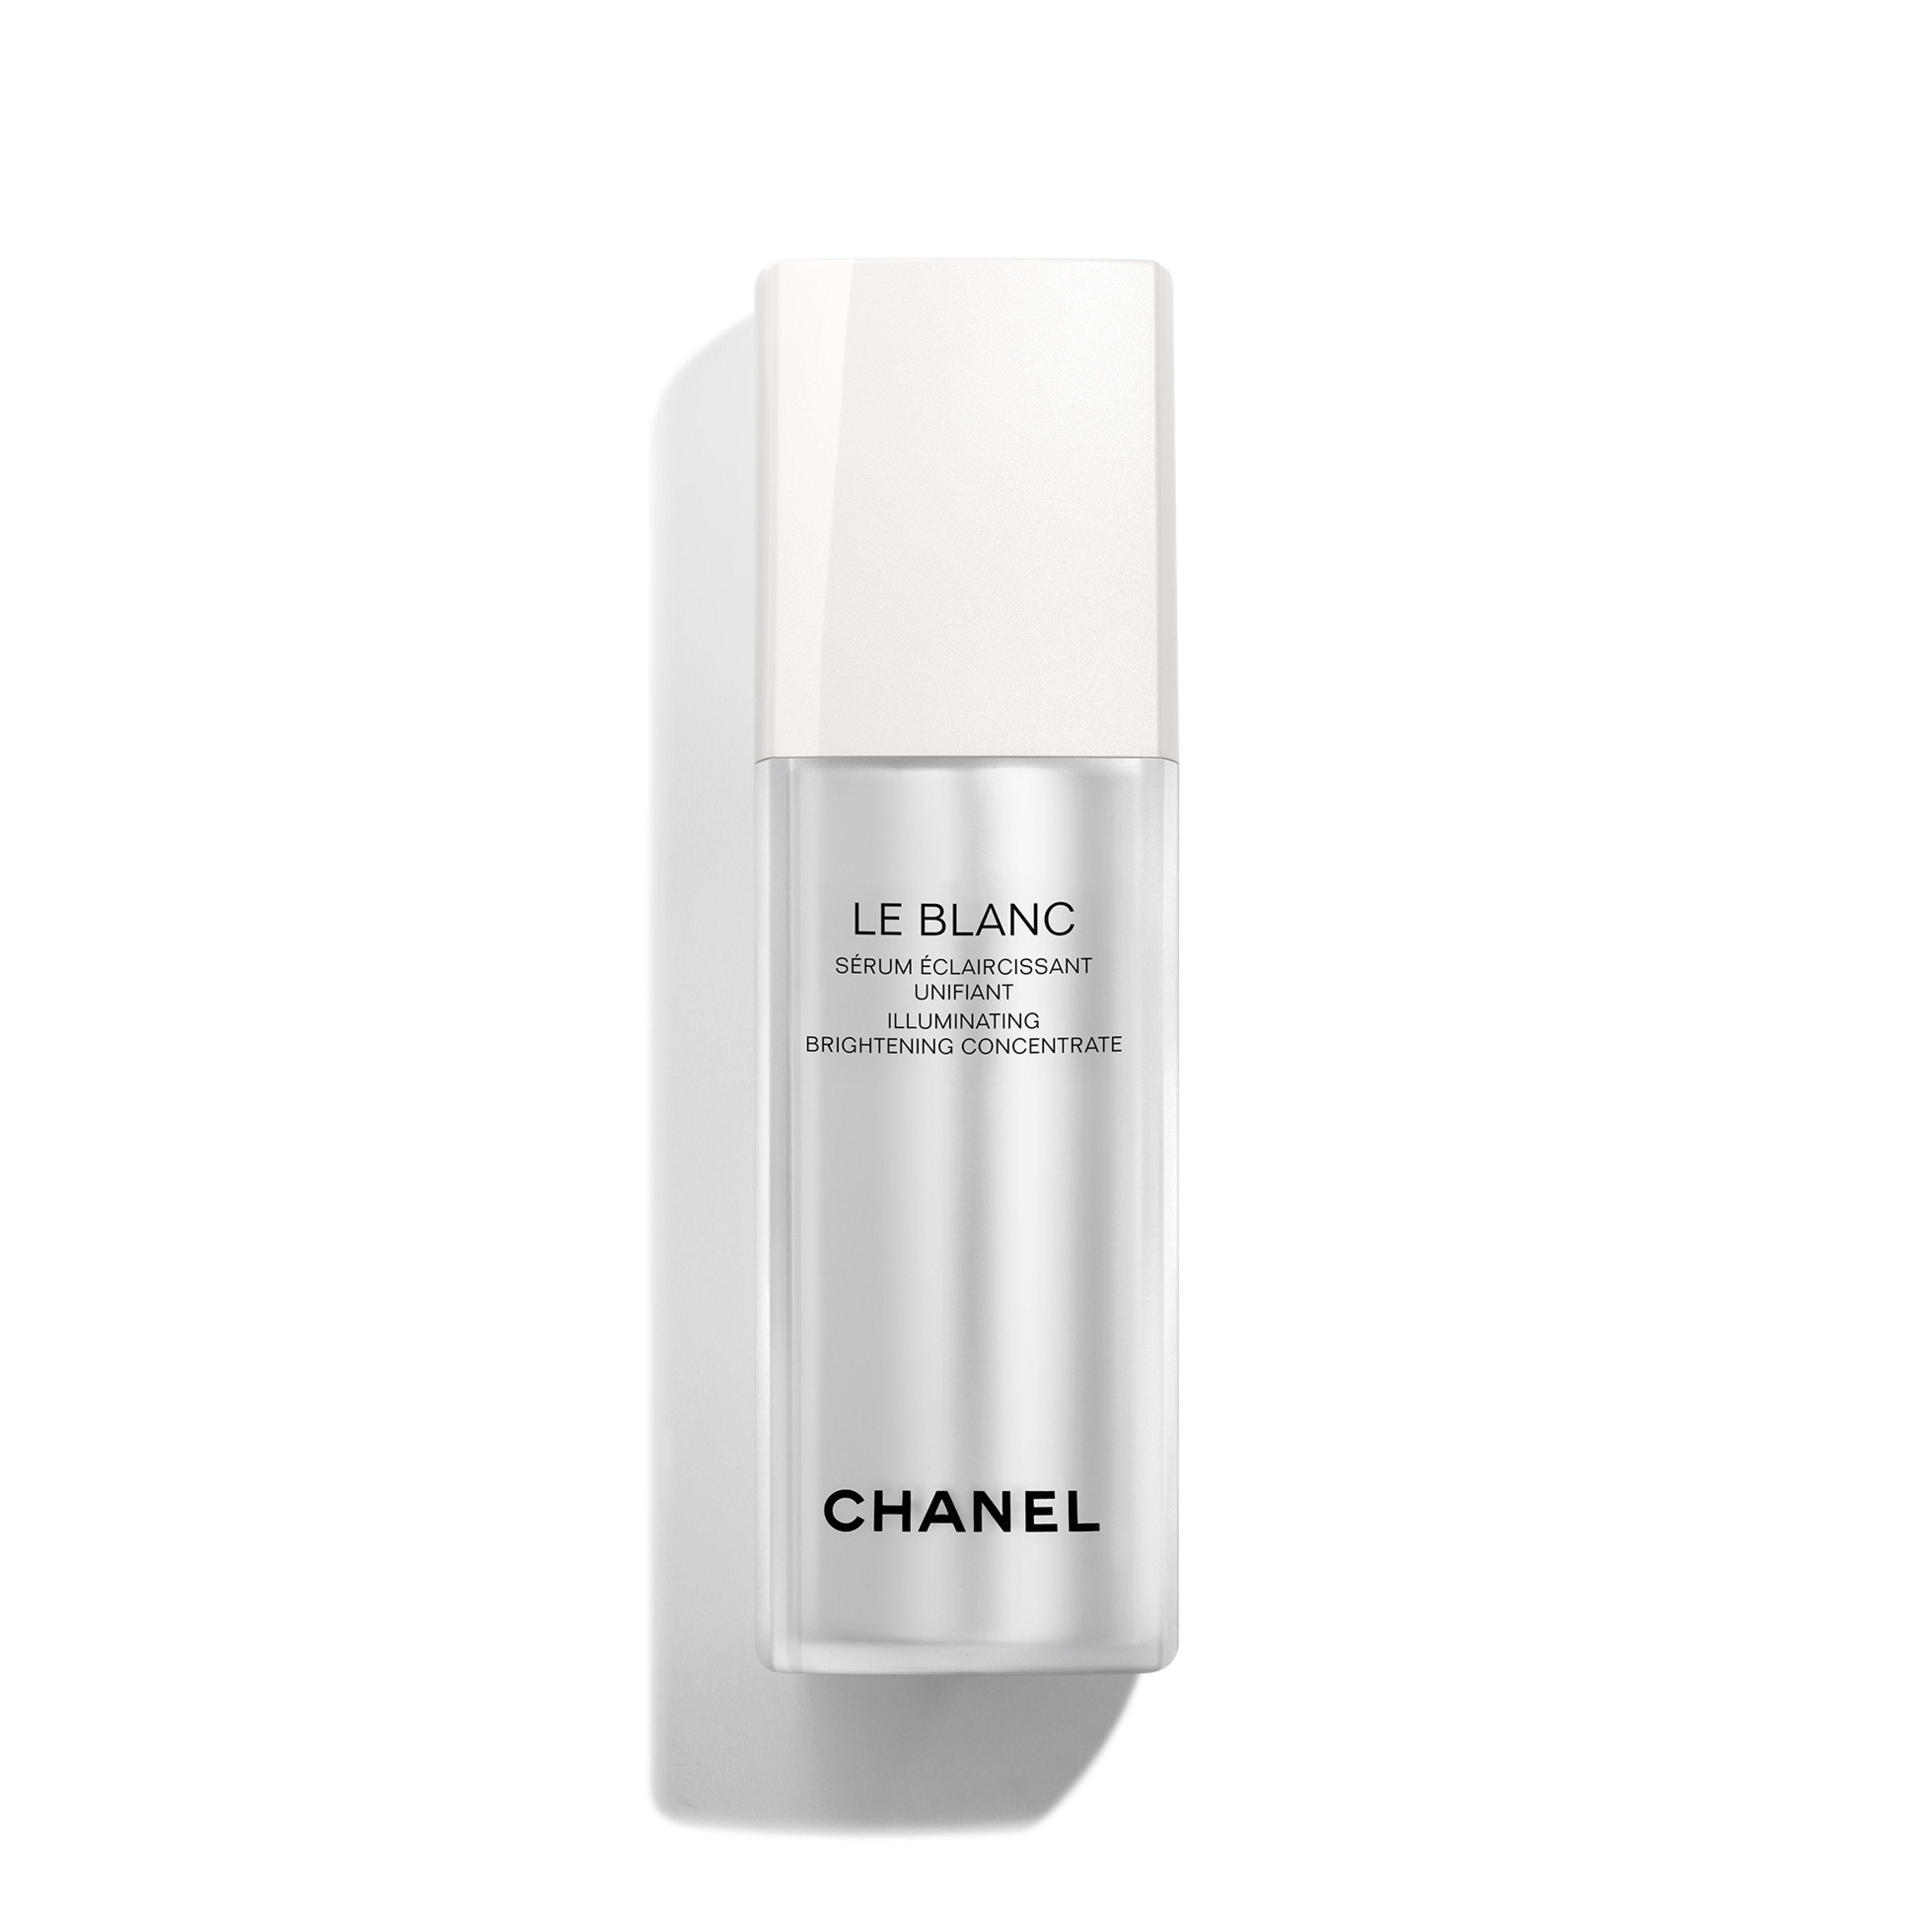 LE BLANC - skincare - 30ml - Default view